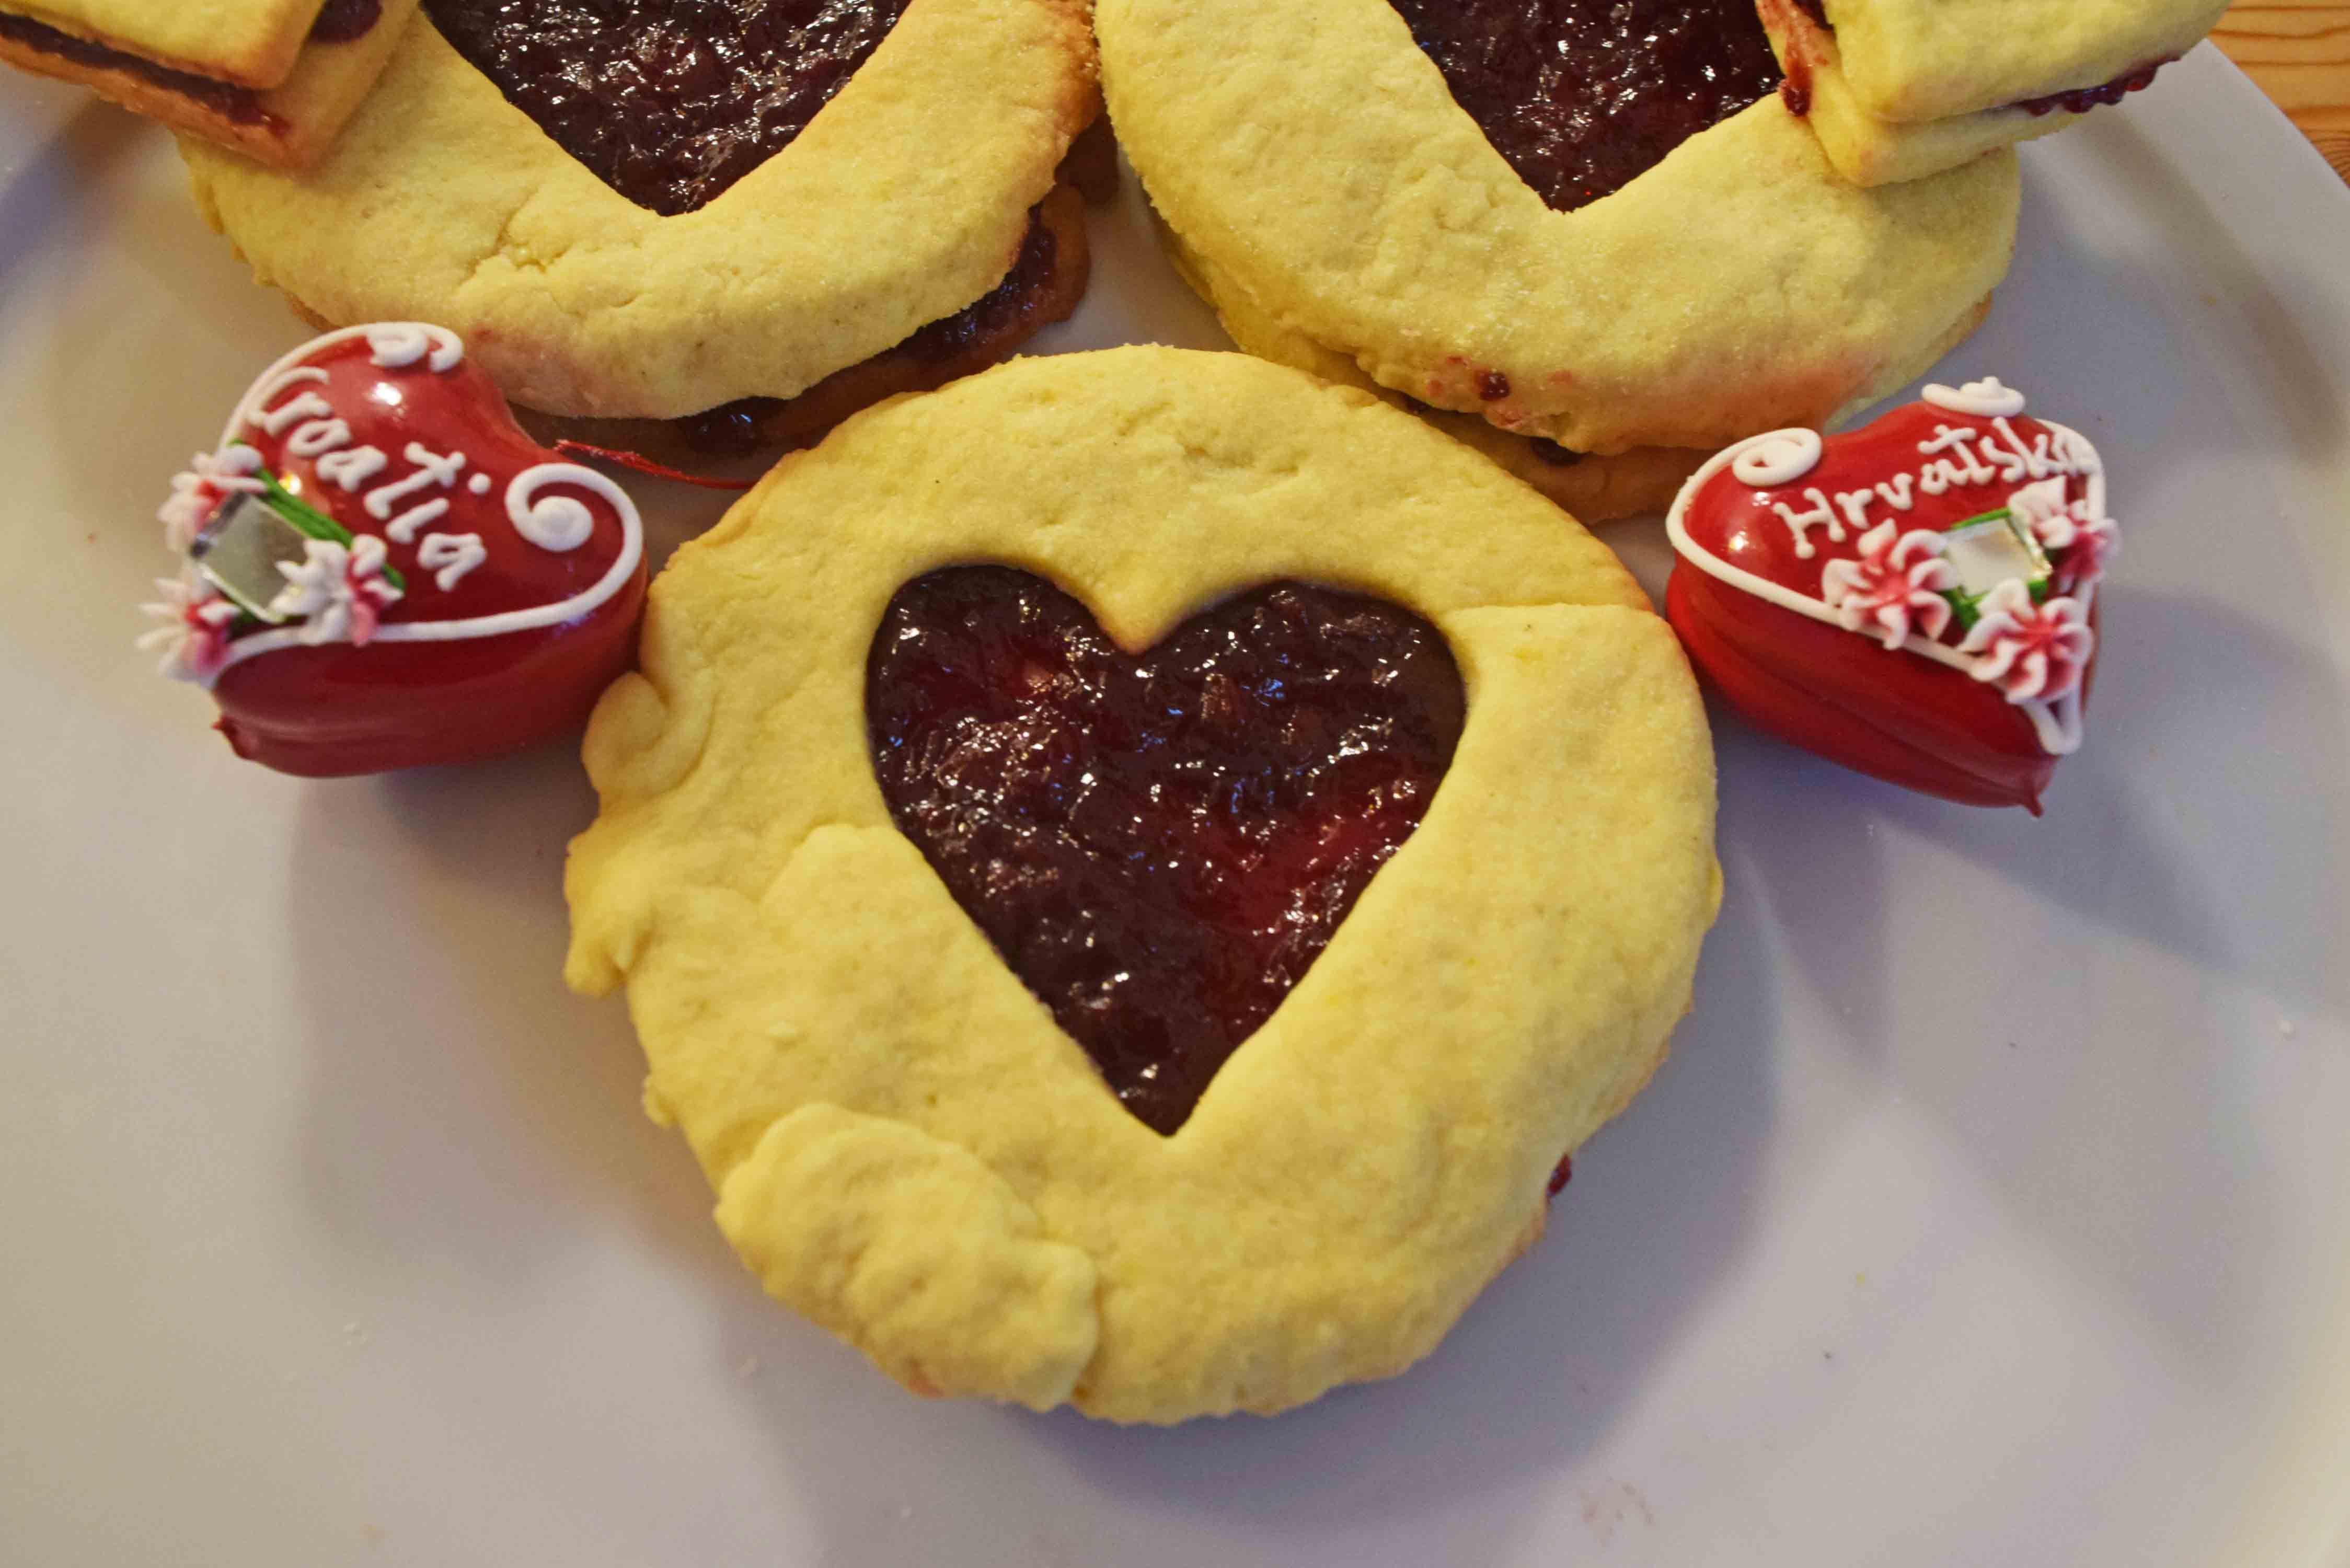 Kekse Mit Hagebuttenmarmelade Kroatische Weihnachtsplatzchen Hagebuttenmarmelade Rezept Kekse Lebensmittel Essen